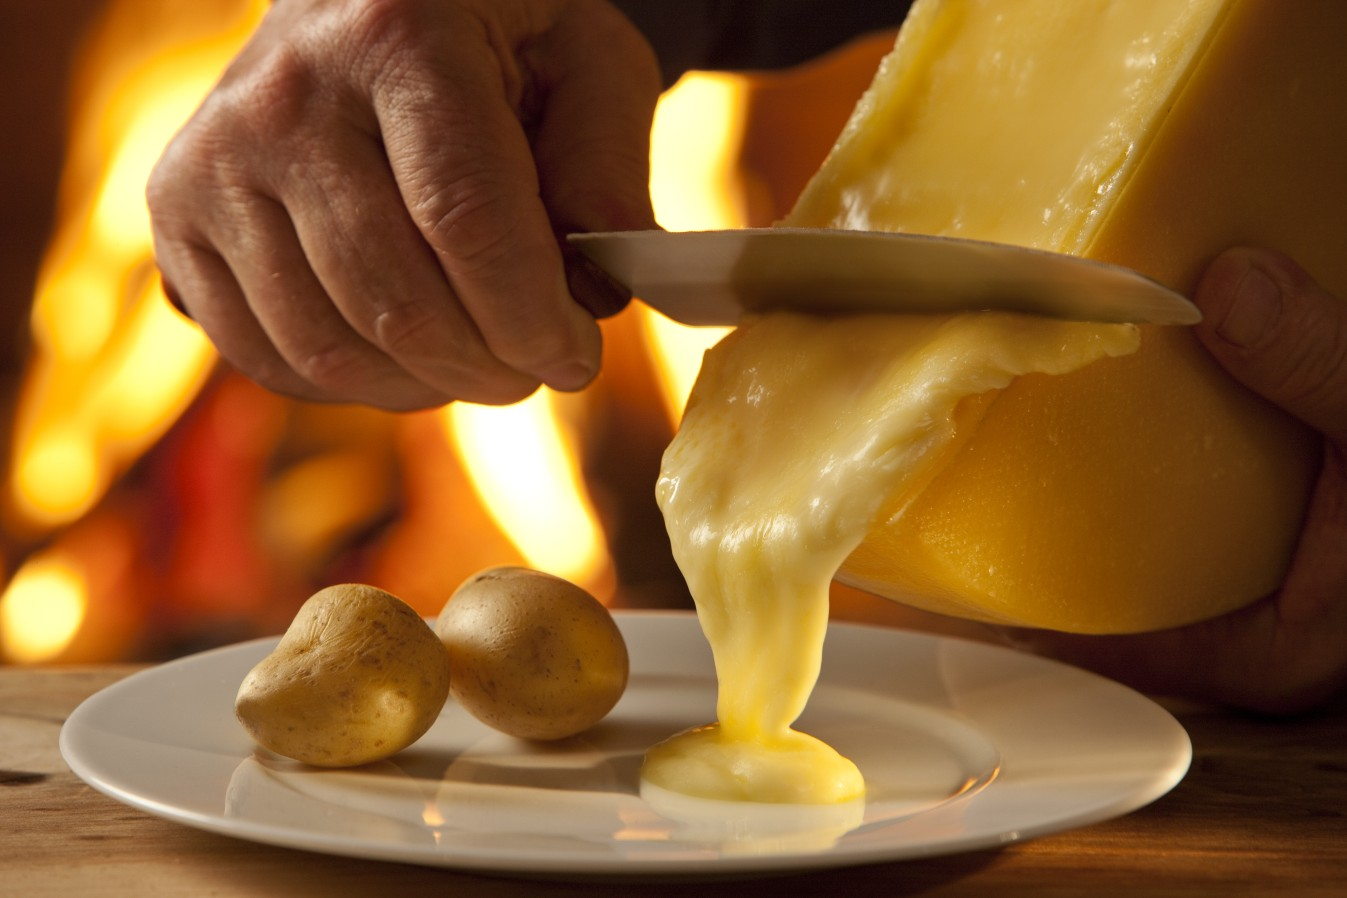 Raclette - Raclette is een van de nationale gerechten van Zwitserland en een fantastische manier om van kaas te genieten.Bartholomeus stelt voor u een lekkere charcuterieschotel samen, die perfect past bij de authentieke Zwitserse raclette kaas.U kan bij ons uiteraard ook terecht voor het toestel. Op tijd reserverenis de boodschap!